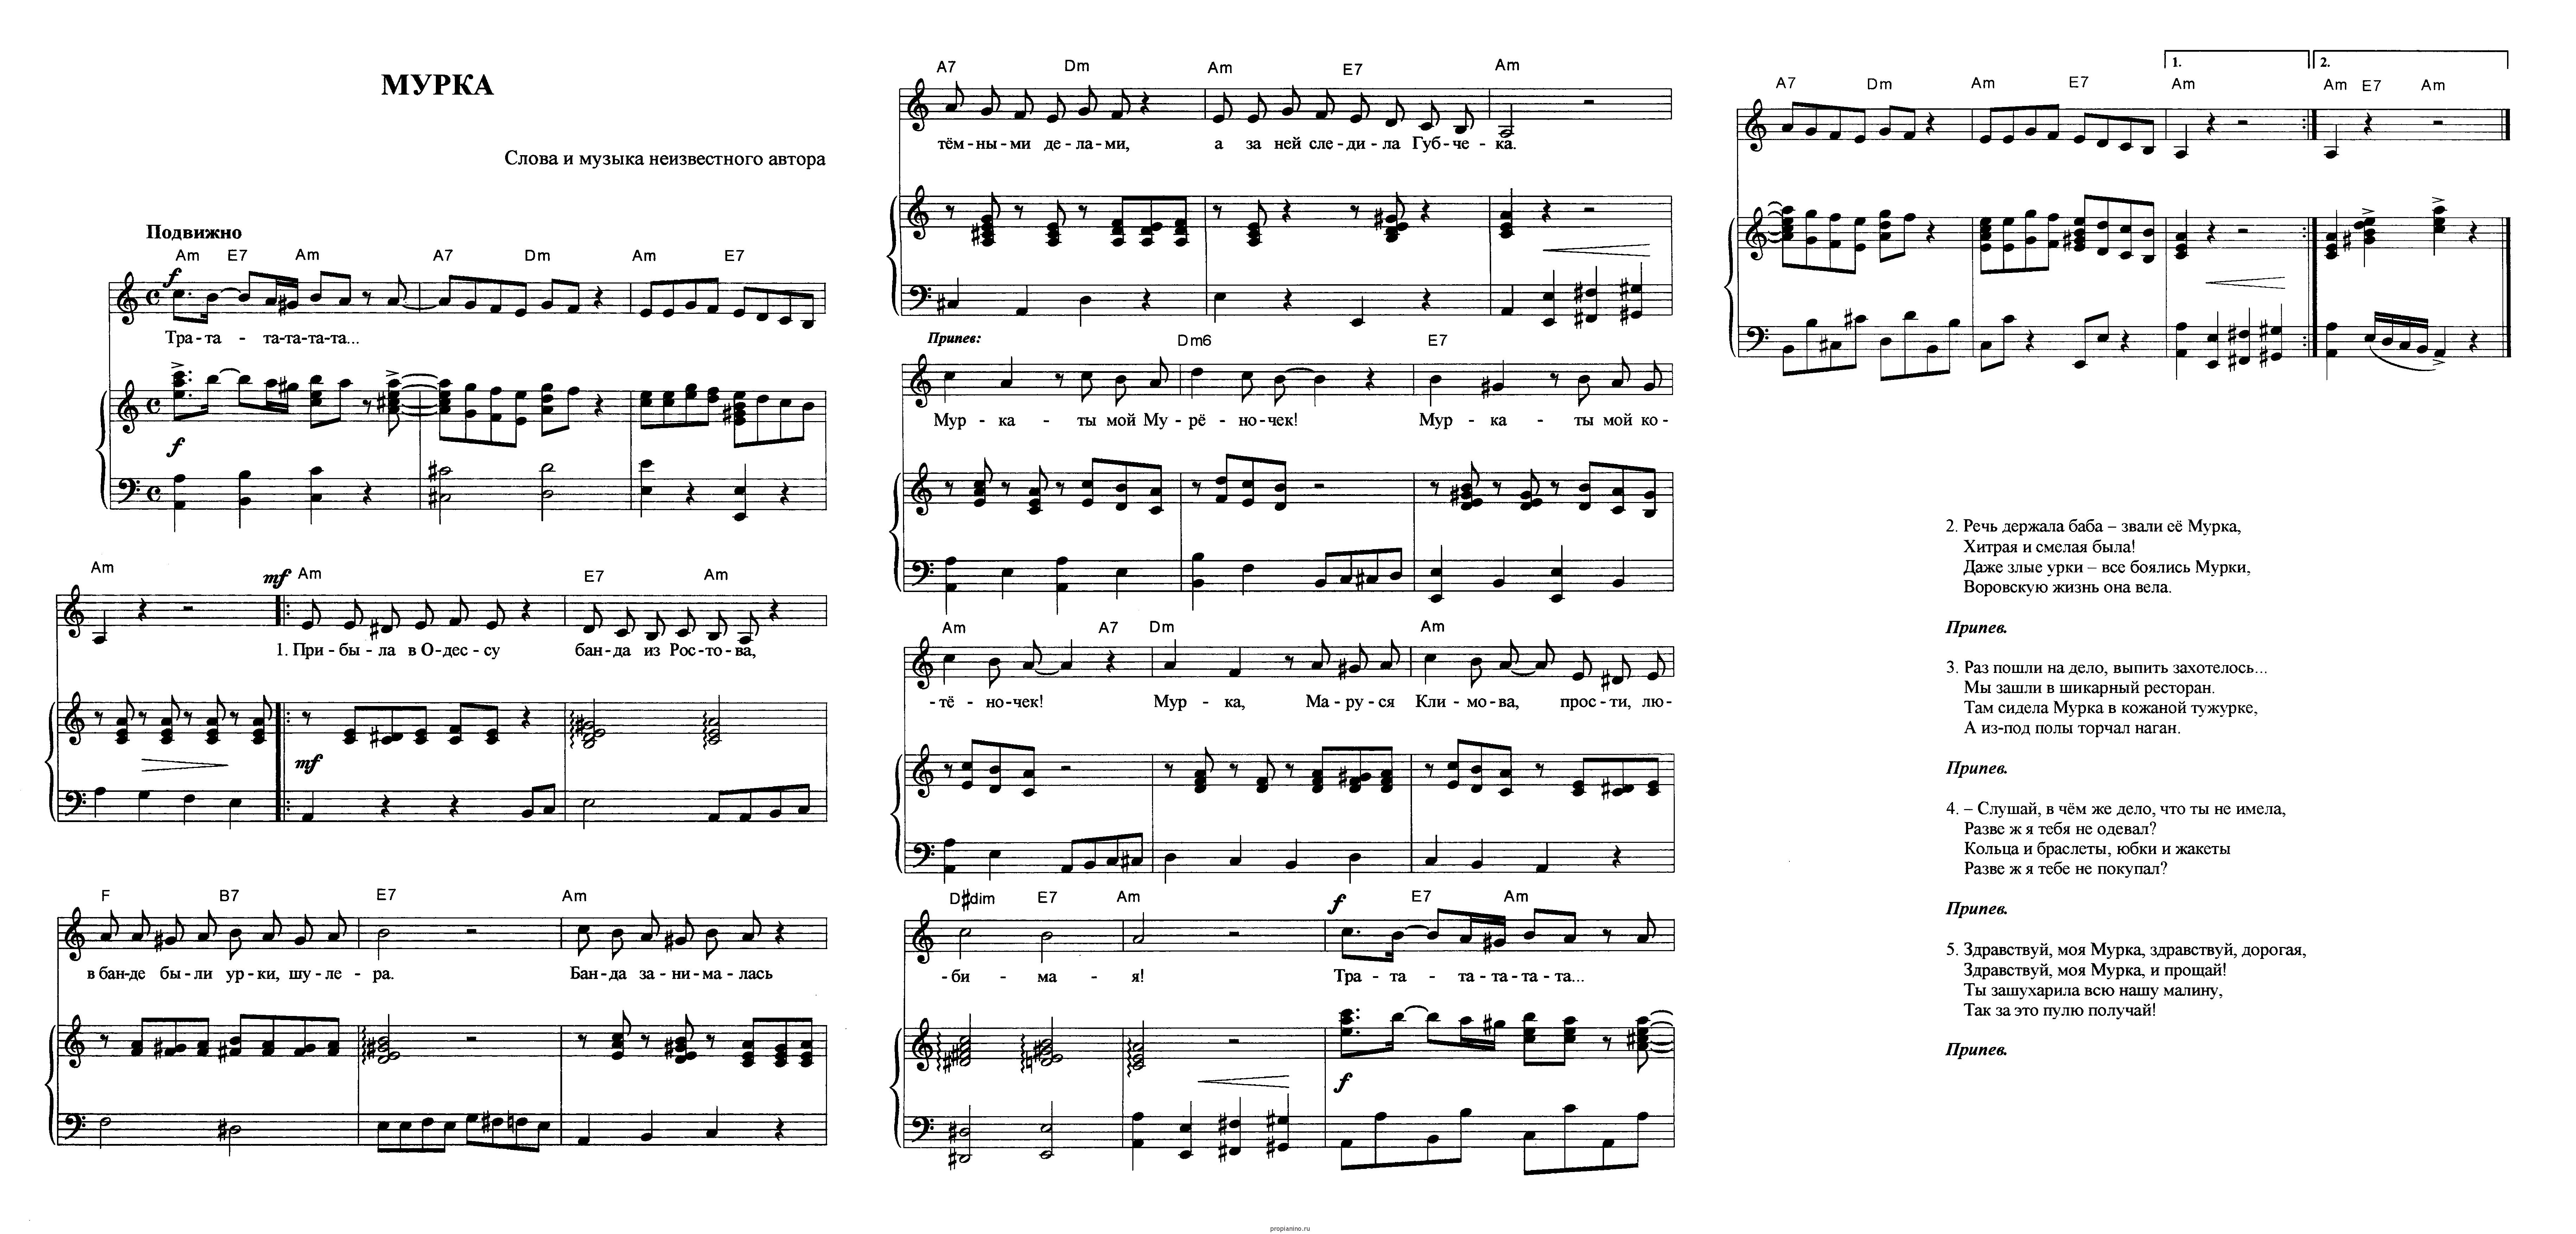 Башкирские Современные Песни Скачать Бесплатно